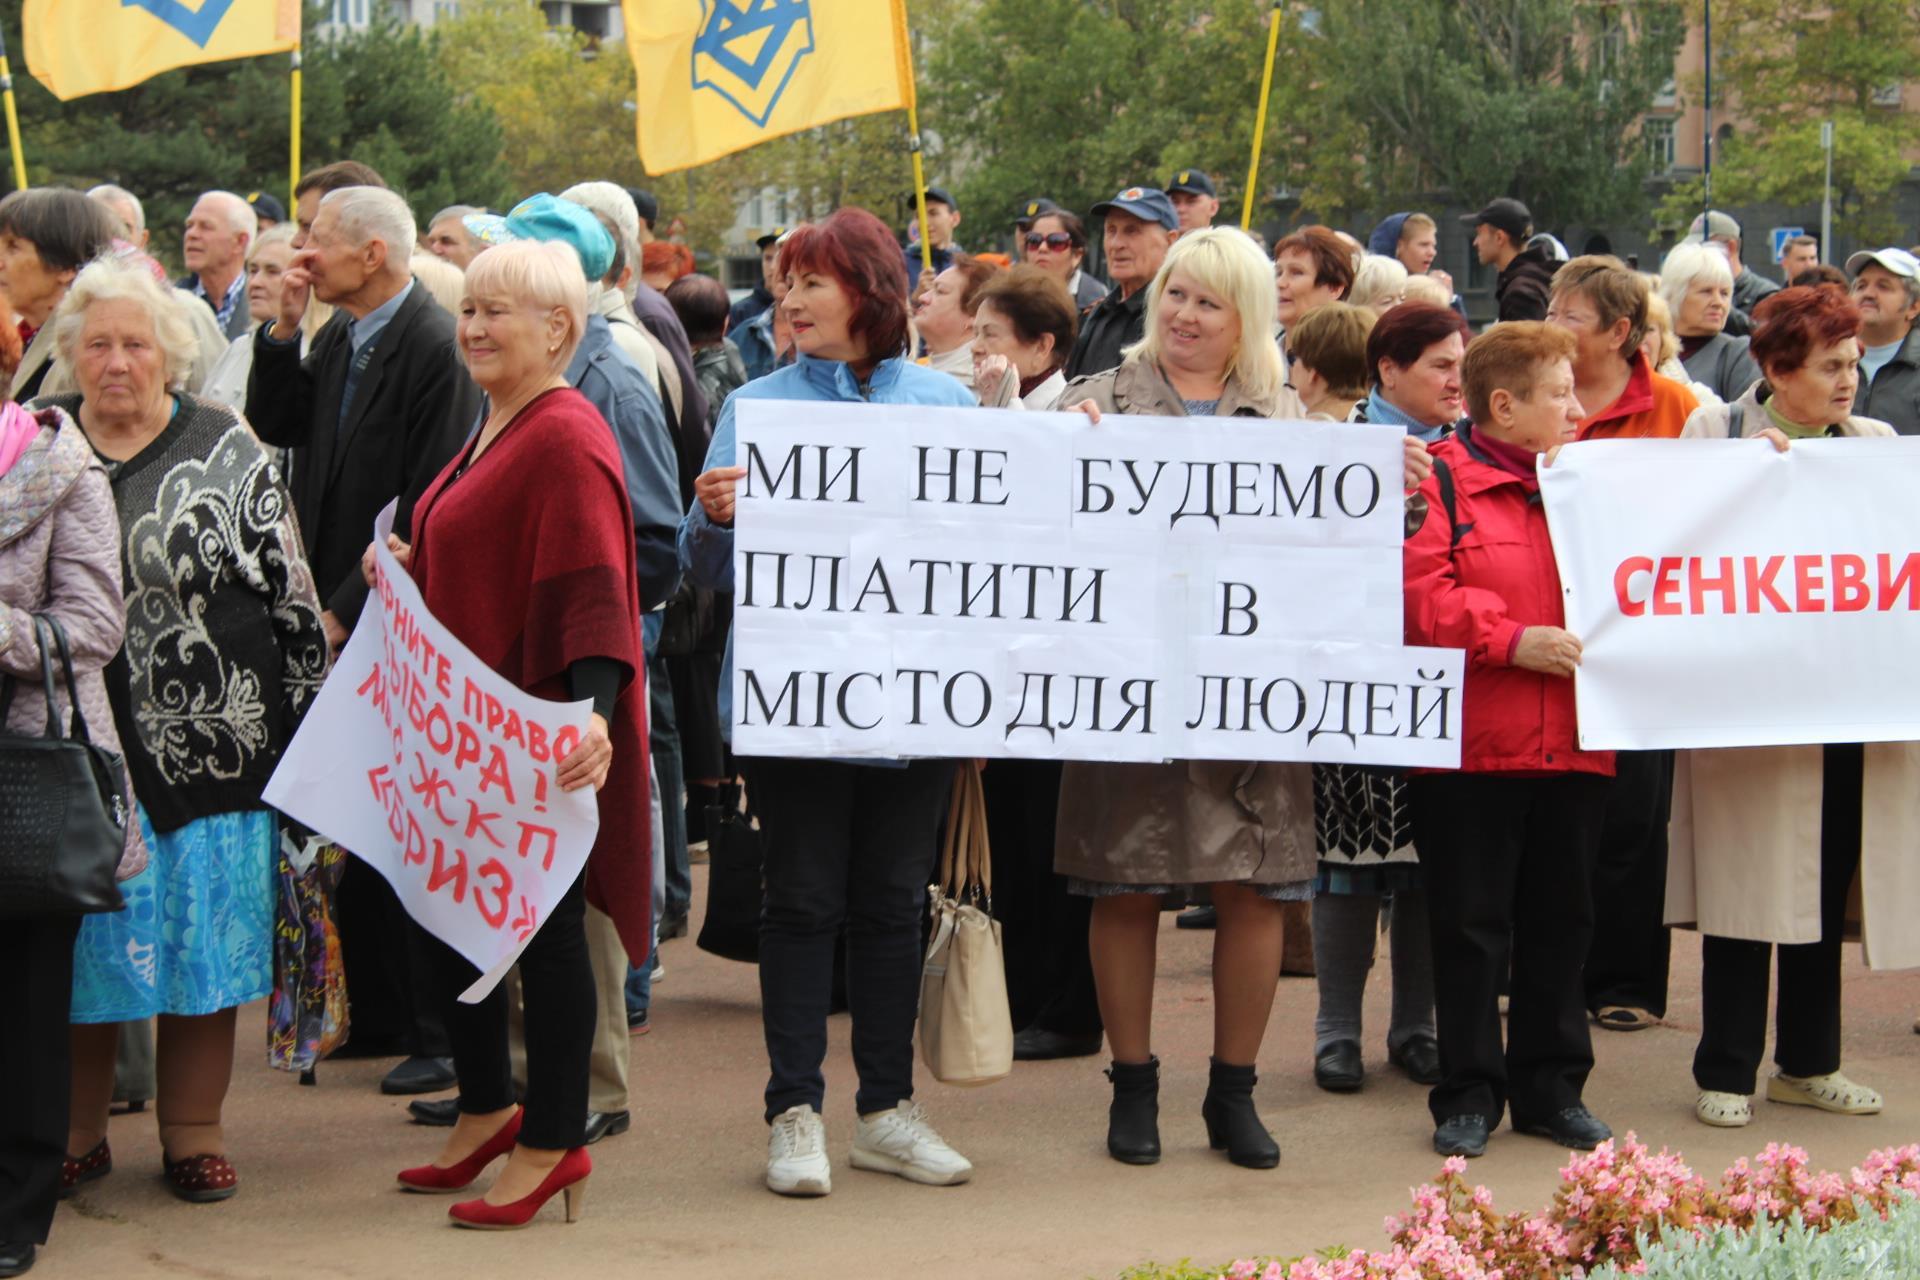 Николаевцы клянут компанию «Мисто для людей»